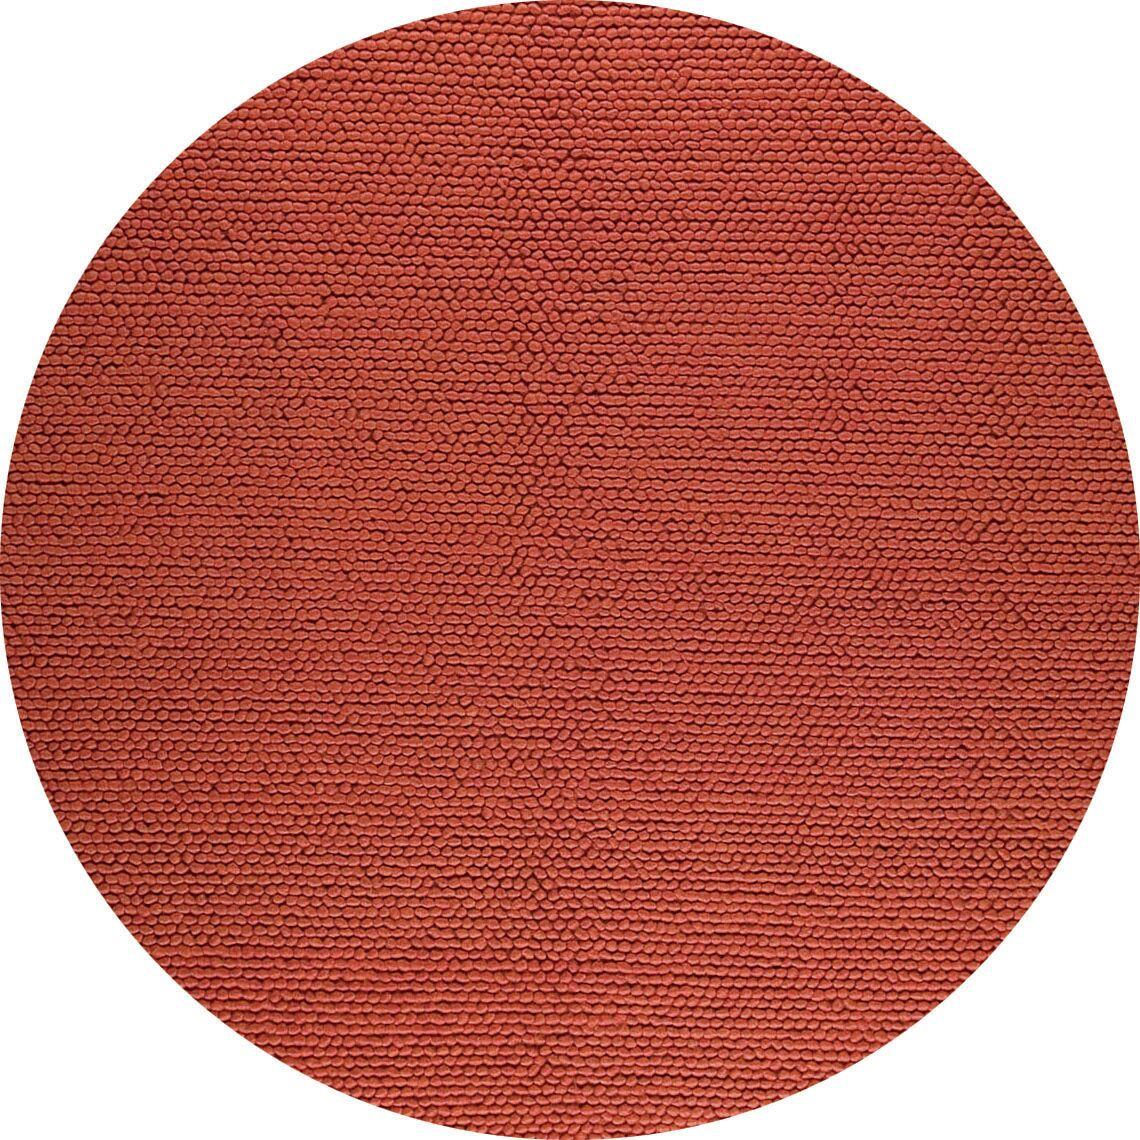 Hoefer Hand-Woven Orange Area Rug